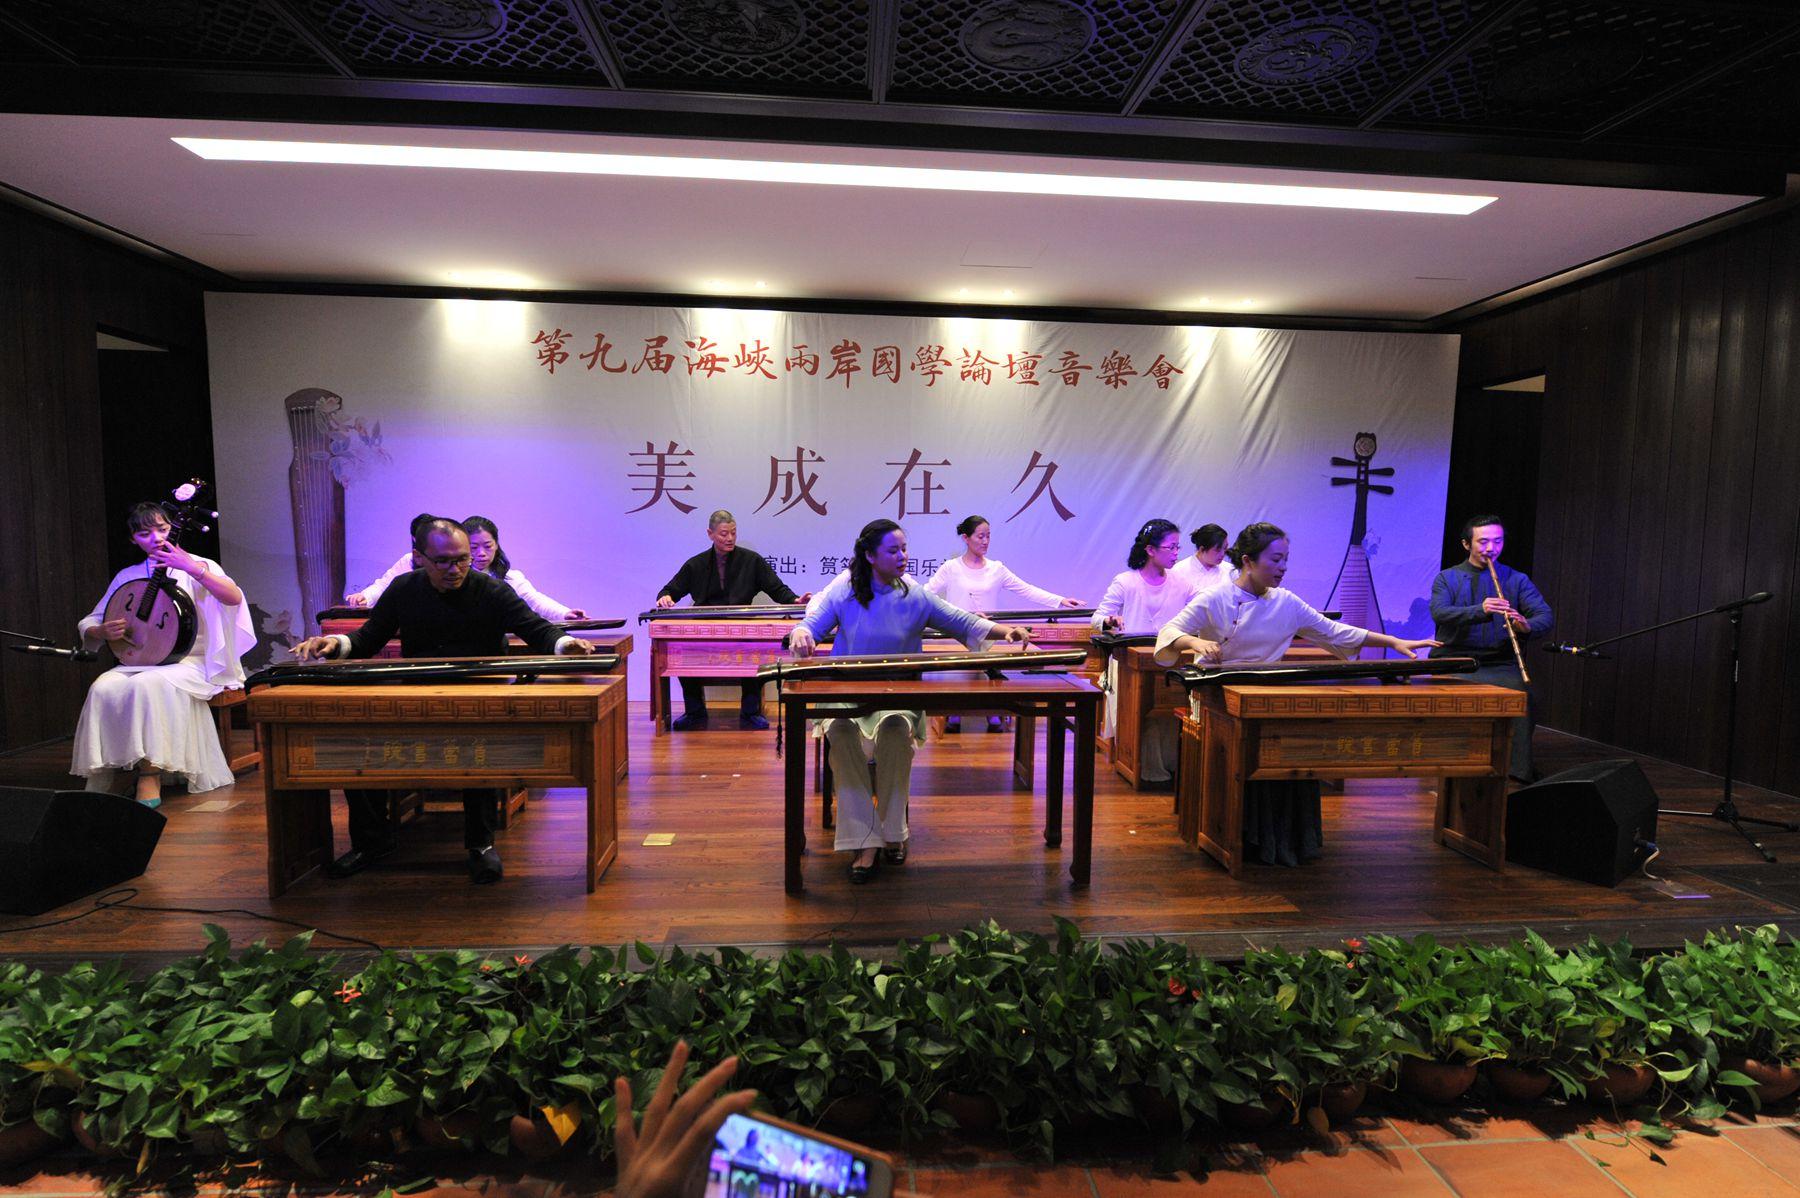 第九届海峡两岸国学论坛在筼筜书院举行